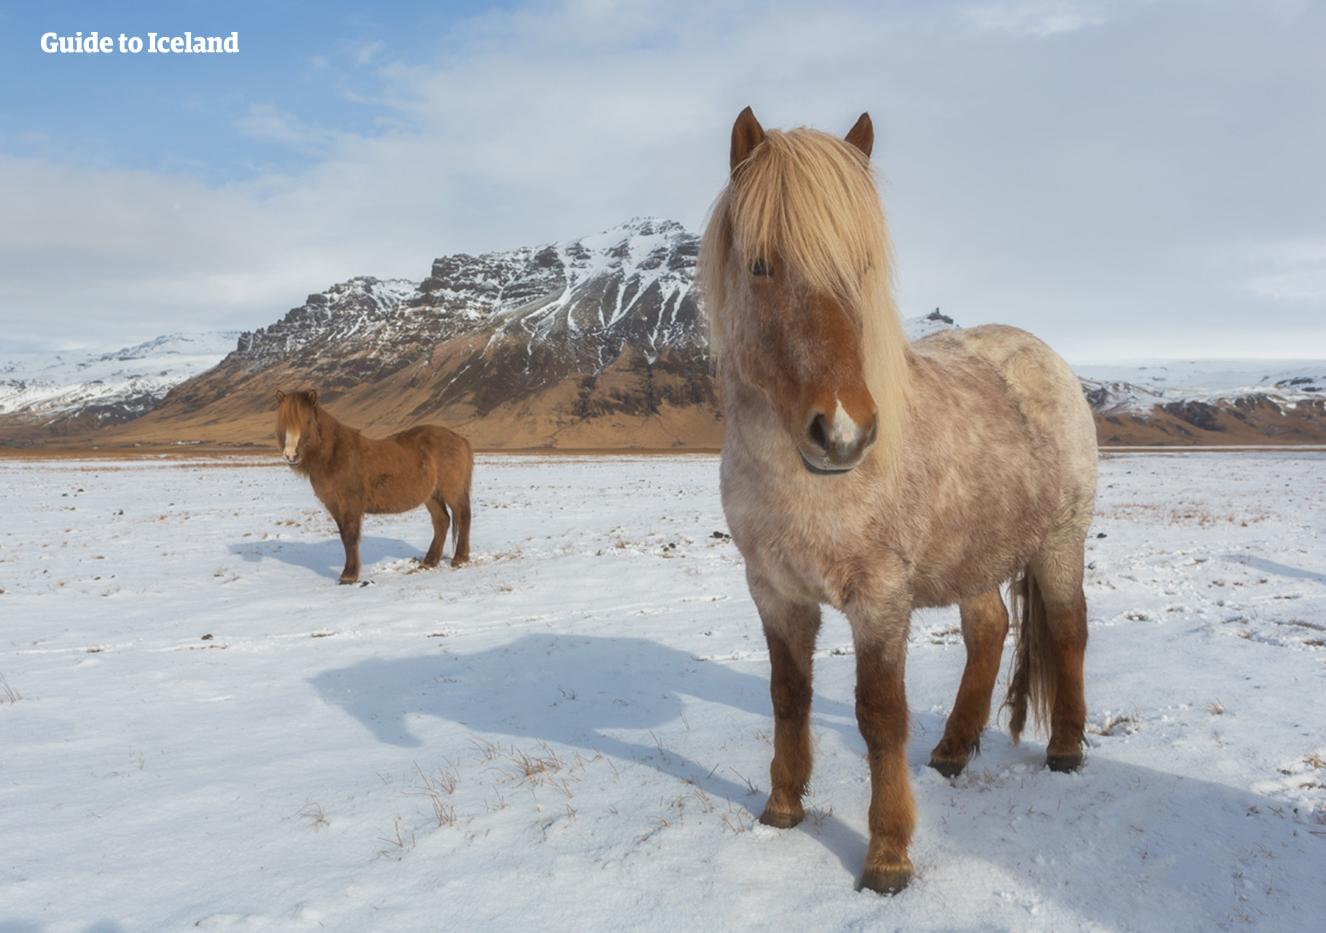 无论冬季还是夏季在冰岛环岛旅行,都能在自然旷野上发现一两只自由漫步的冰岛马